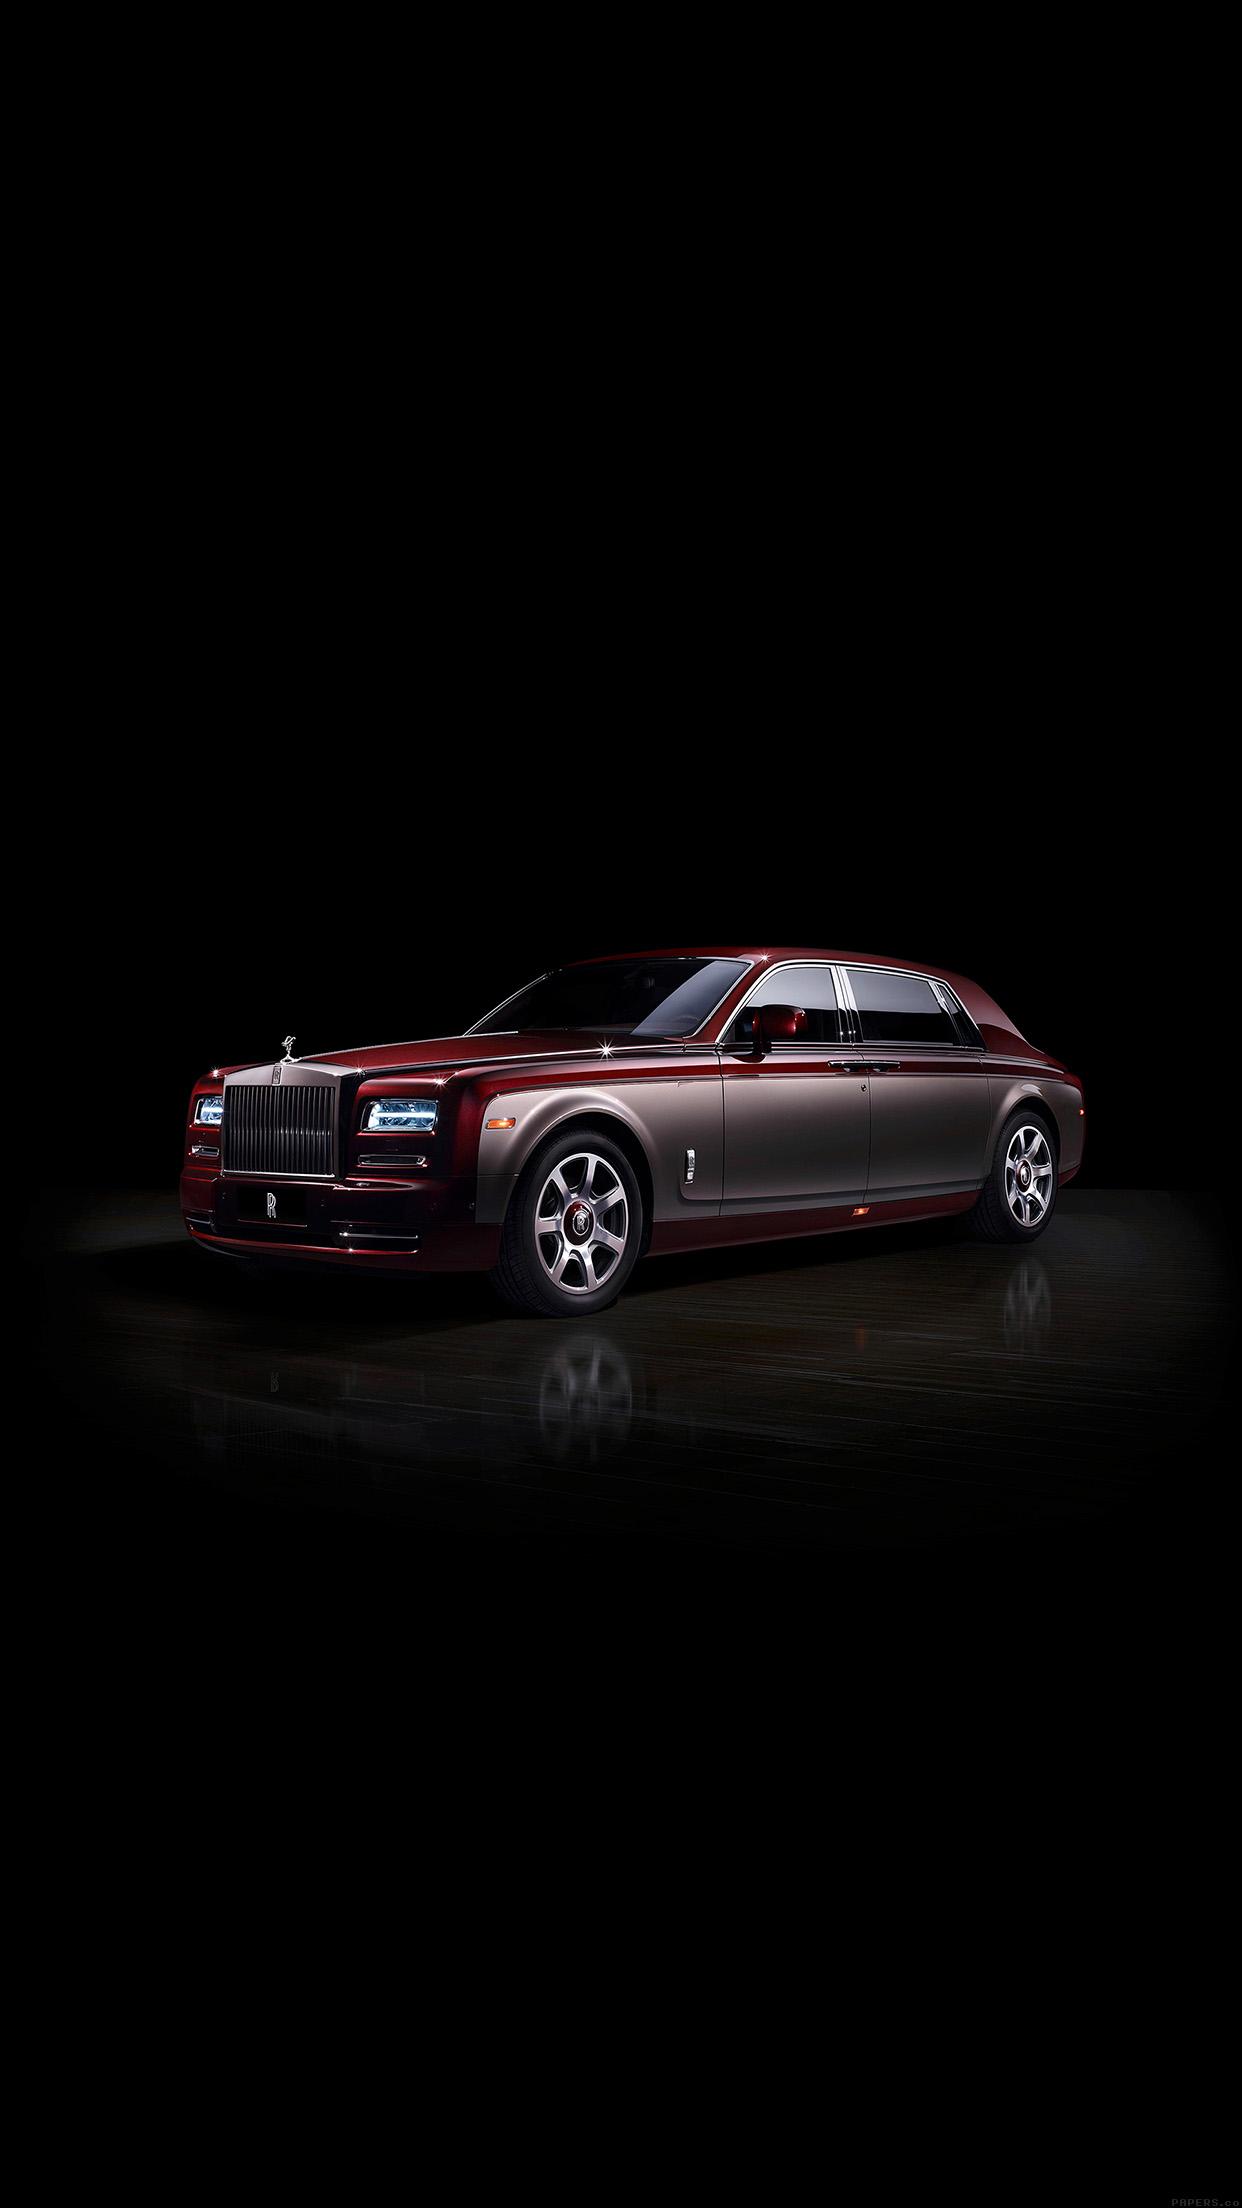 Iphone7papers Aj85 Rolls Royce Pinnacle Phantom Dark Car